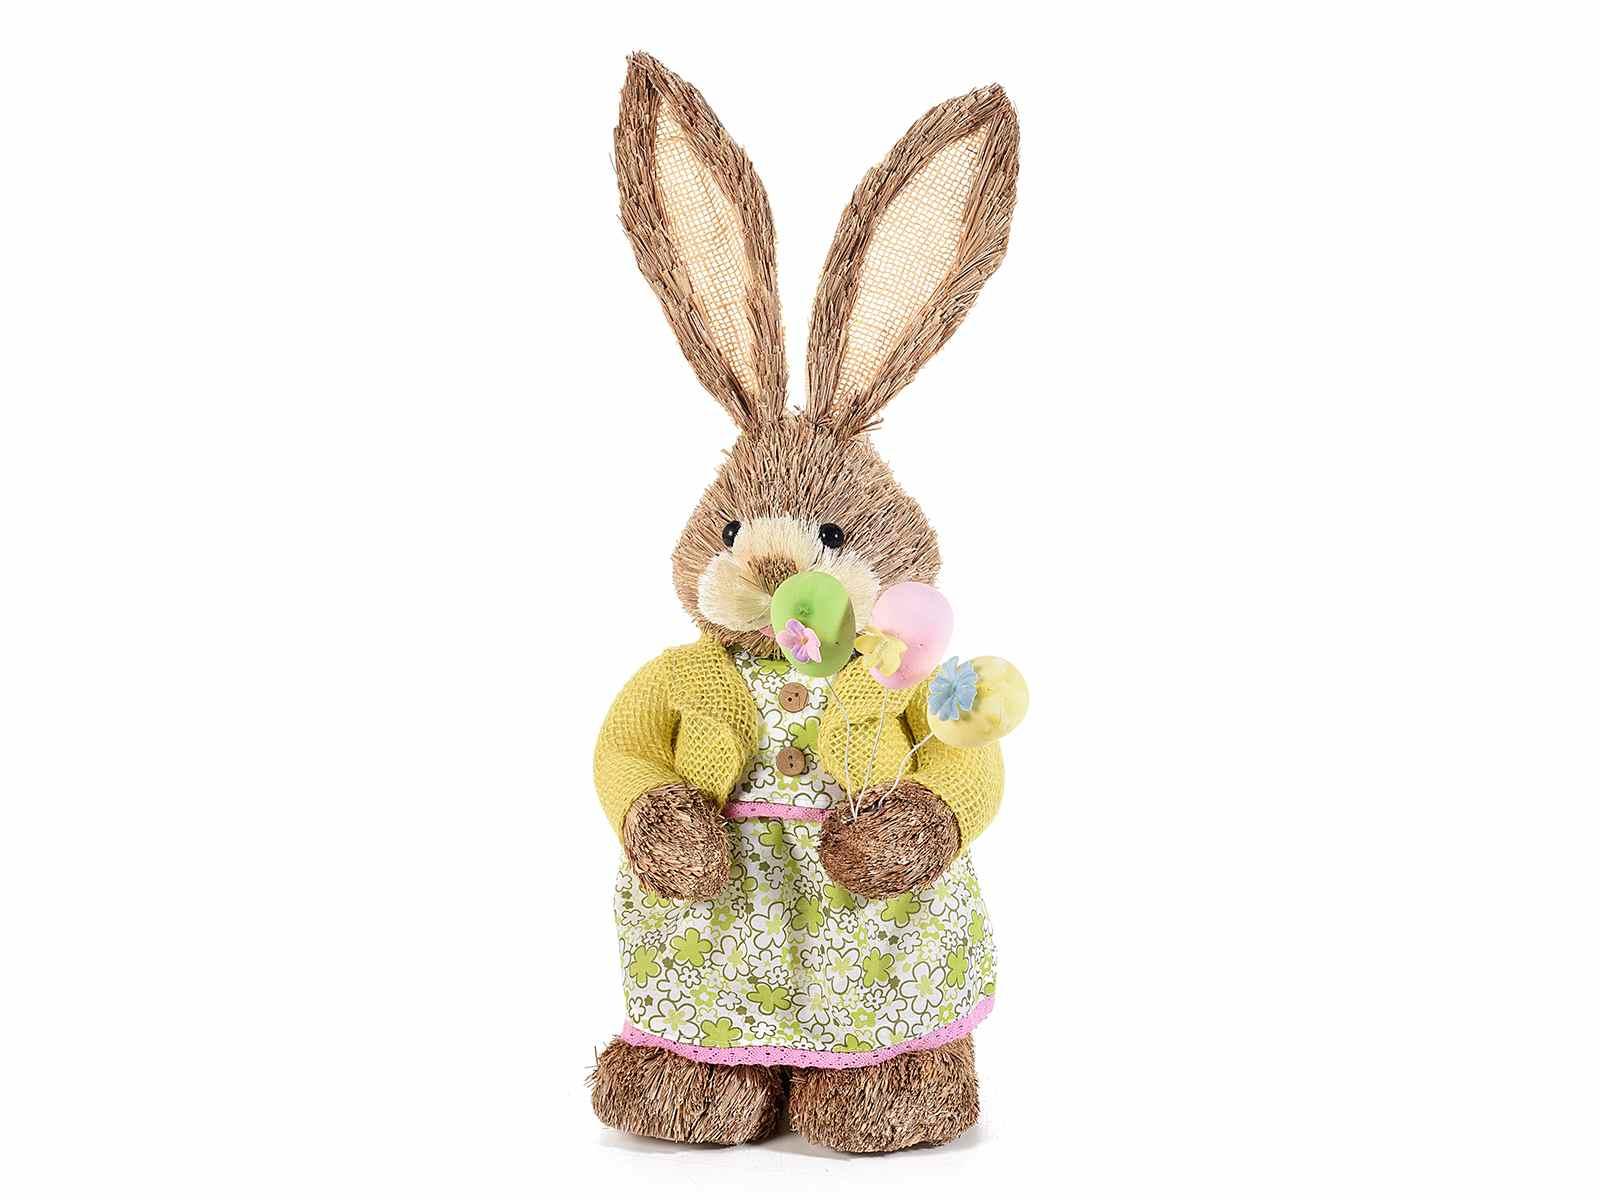 Coniglietto in fibra naturale con uova colorate